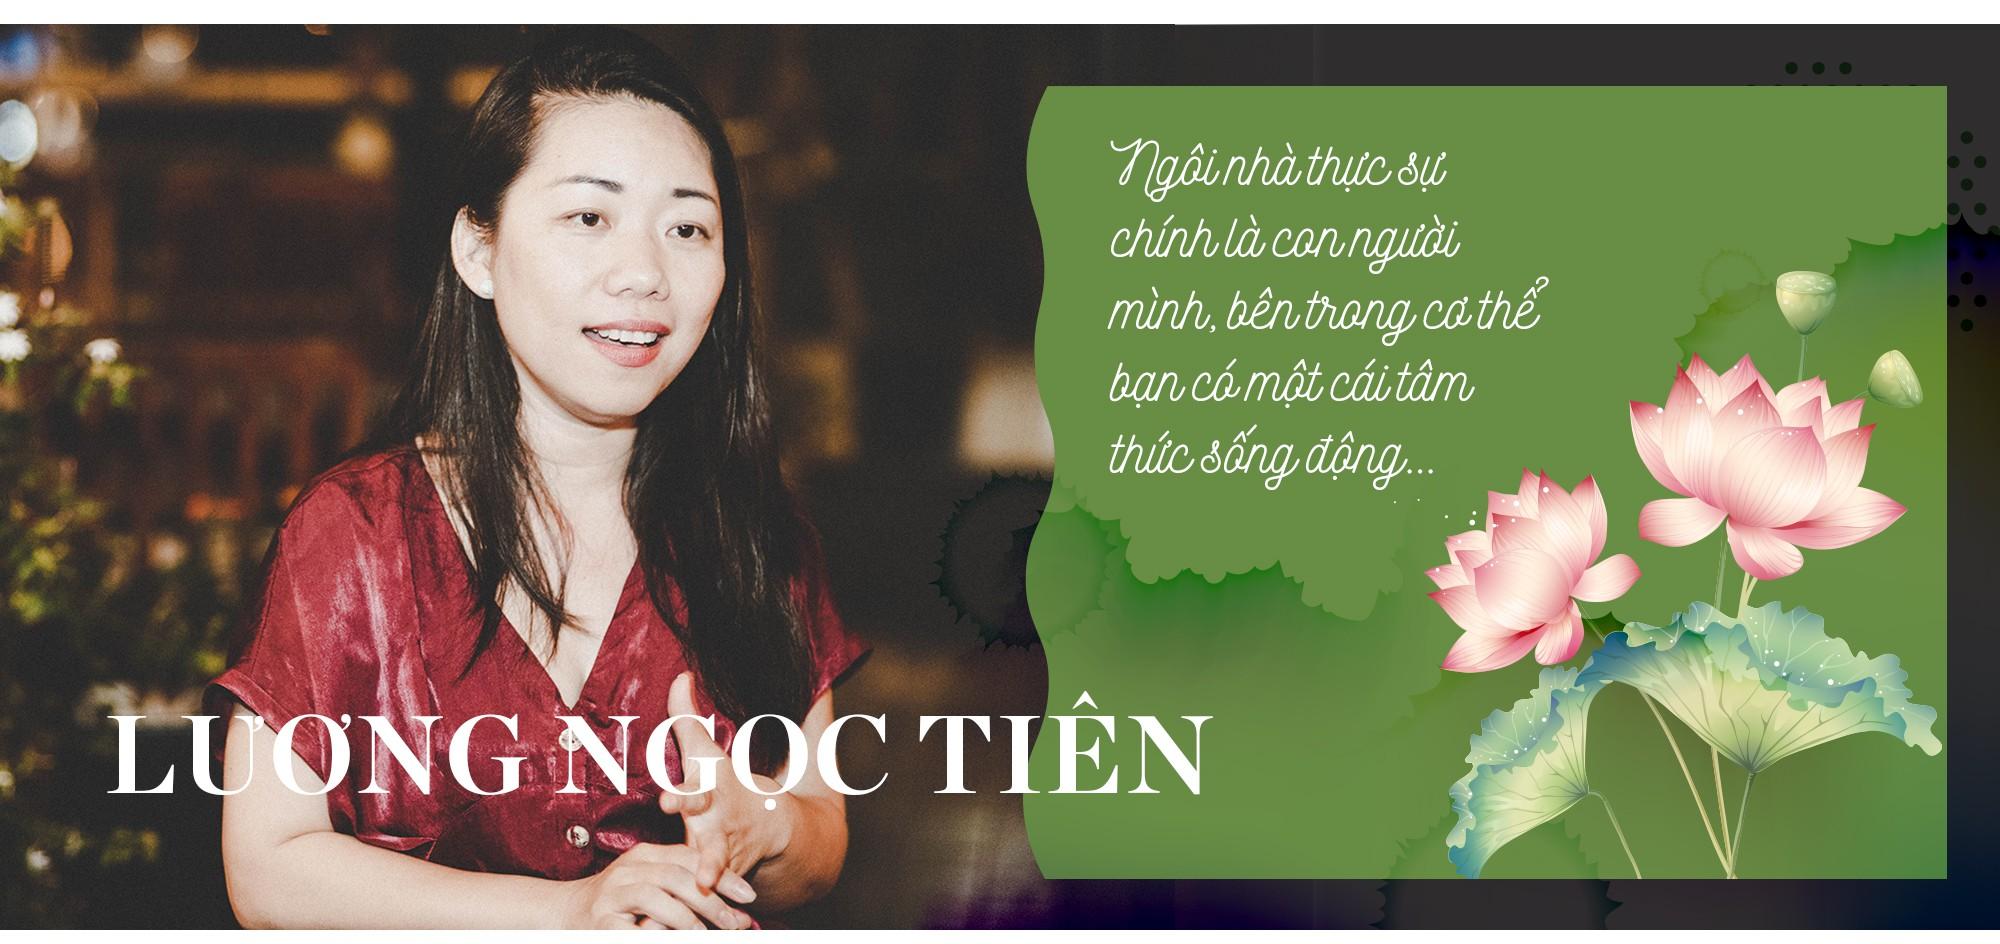 """Giảng viên Search Inside Yourself người Việt đầu tiên: """"Ở Việt Nam, người đi làm không được dạy tư duy độc lập nên khi phải đưa ra một quyết định, họ rất sợ chịu trách nhiệm"""" - Ảnh 6."""